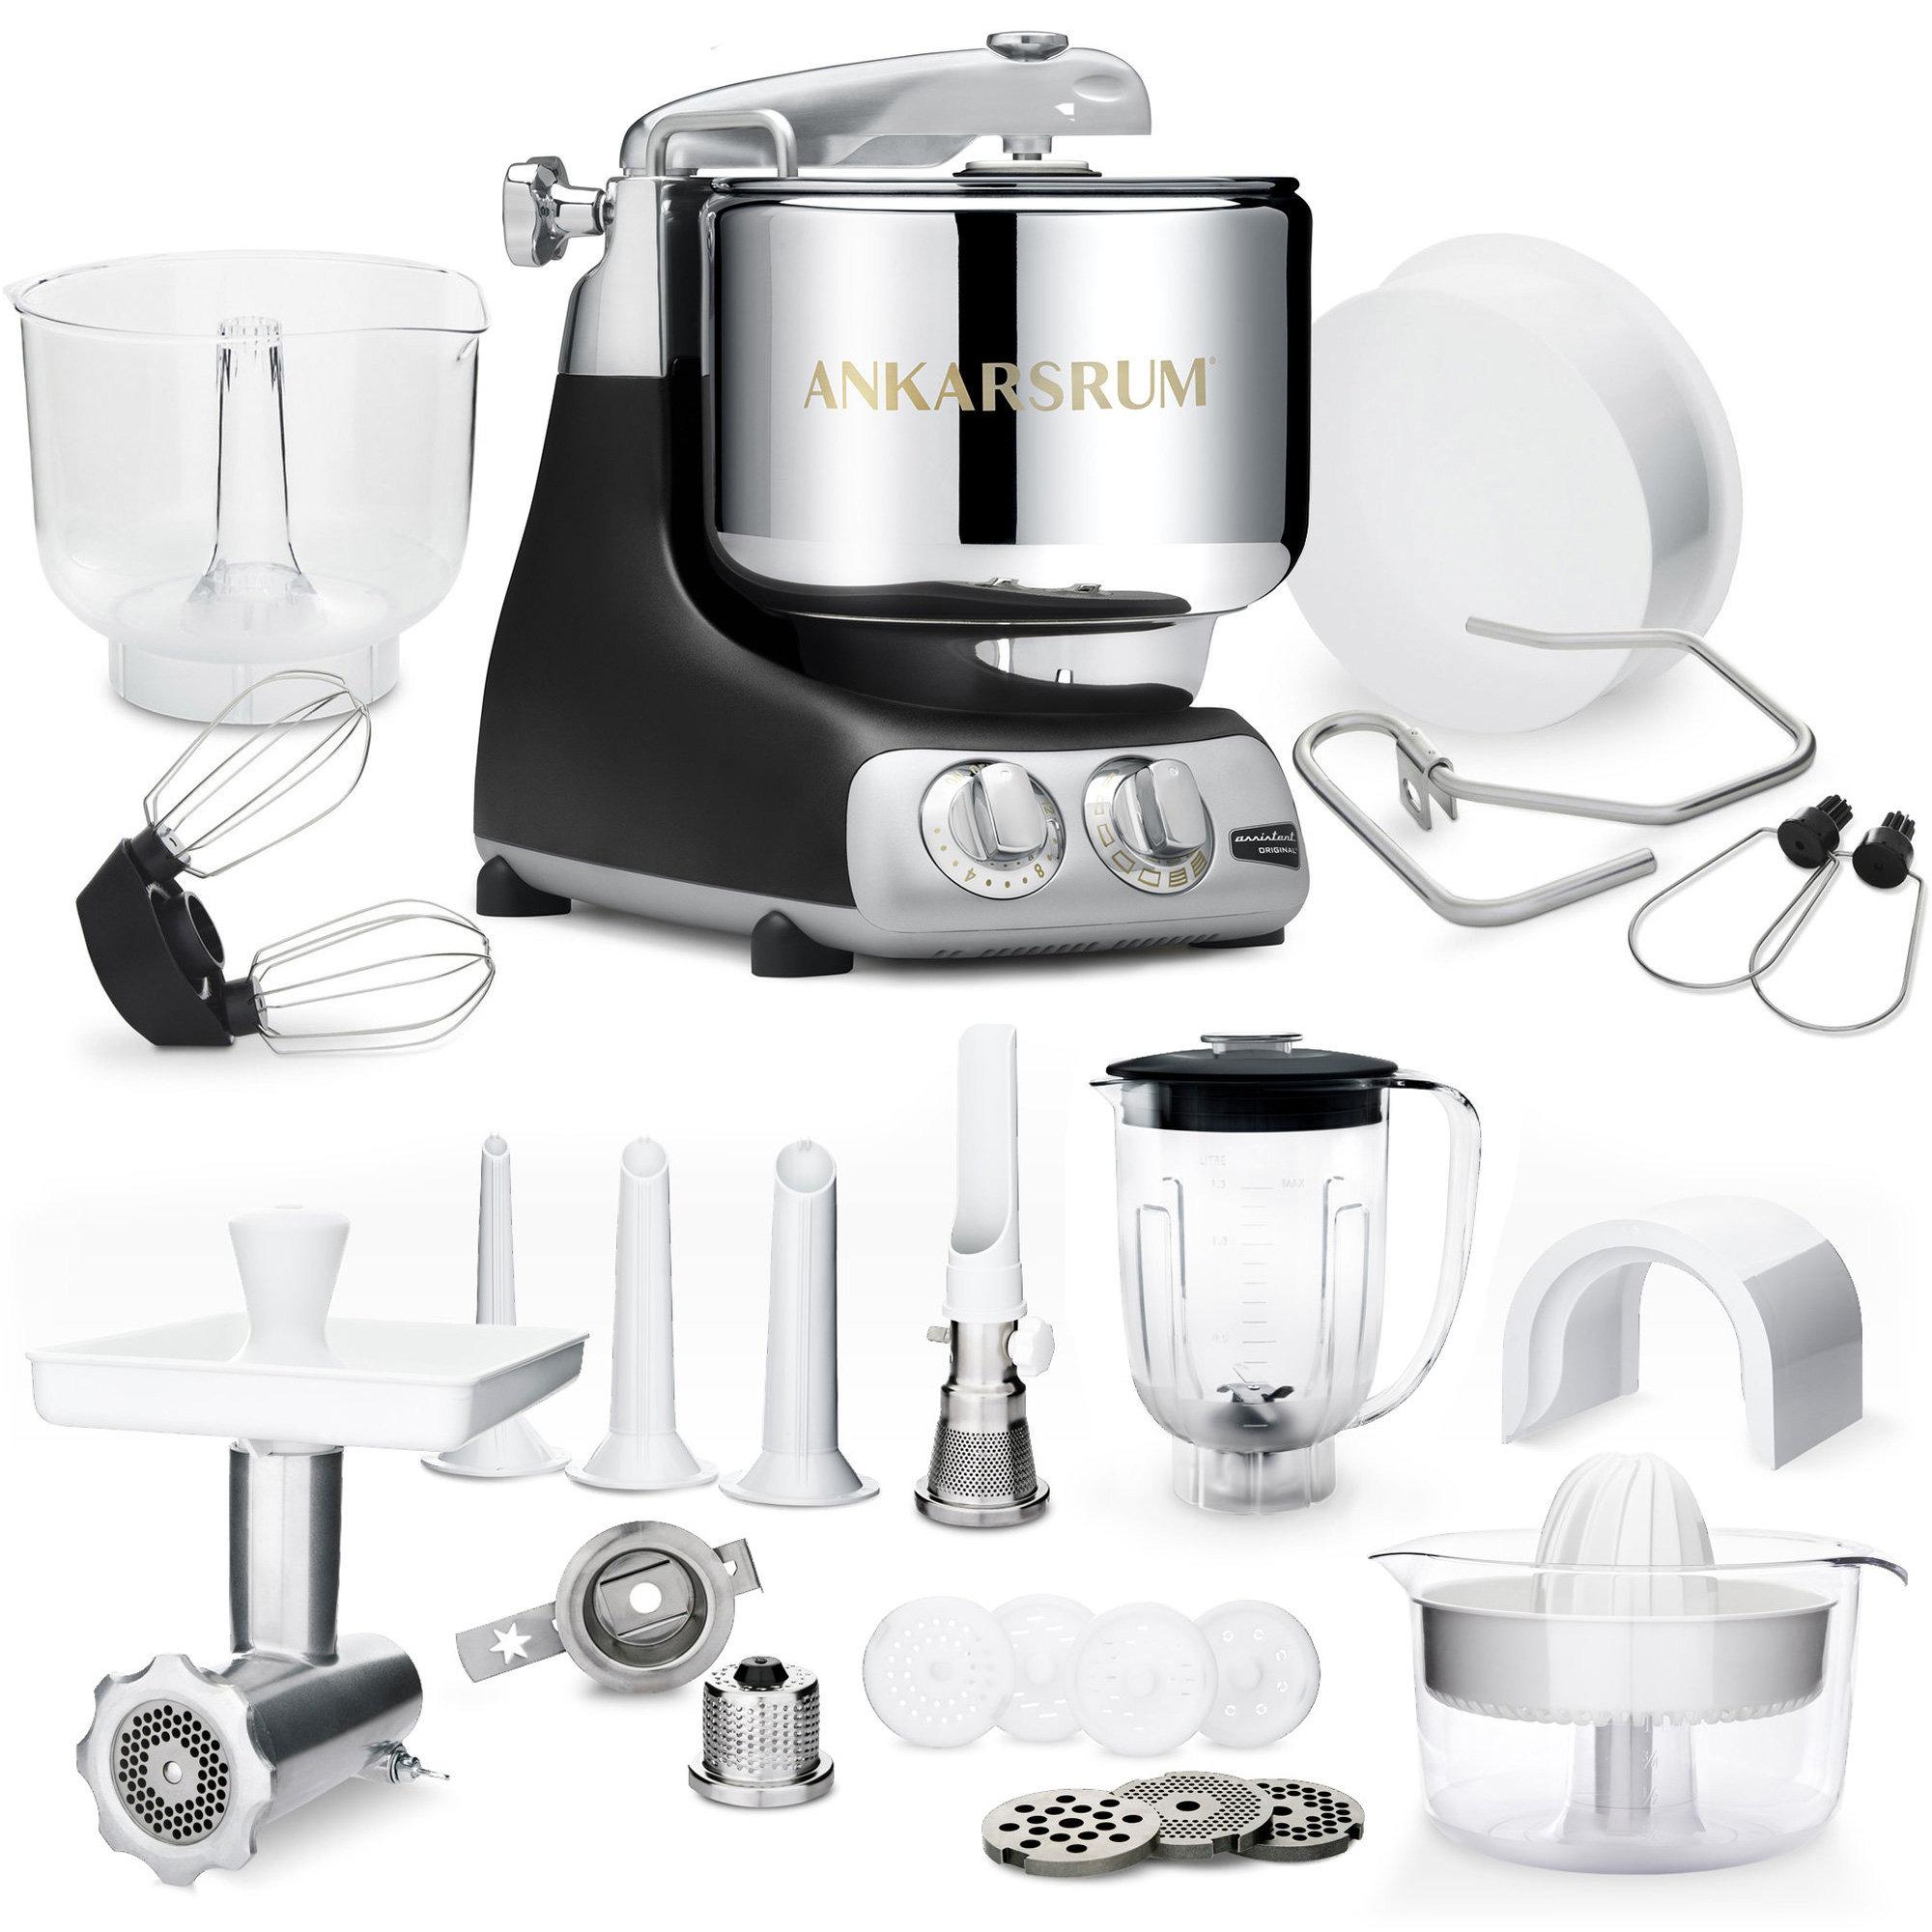 Billede af Ankarsrum AKM 6230 Køkkenmaskine + Deluxe pakke, Matsort